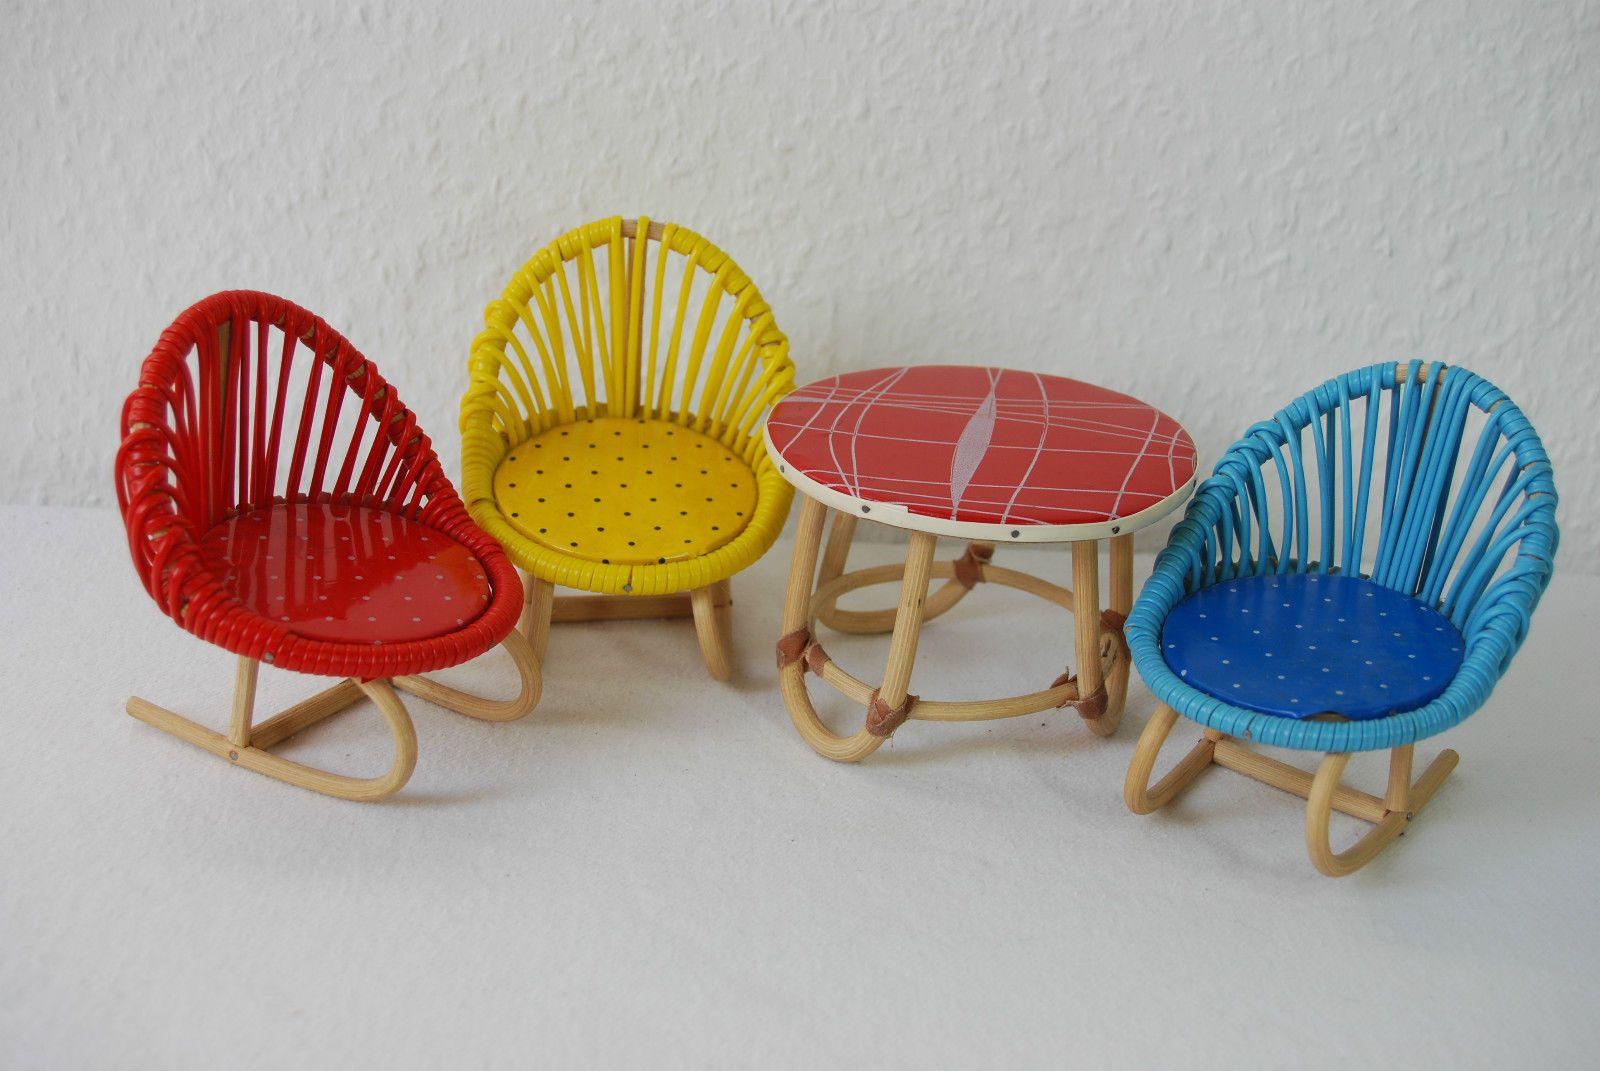 kultige sitzgruppe tisch st hle terrasse garten puppenm bel 60er ebay puppen und ihr wohnen. Black Bedroom Furniture Sets. Home Design Ideas